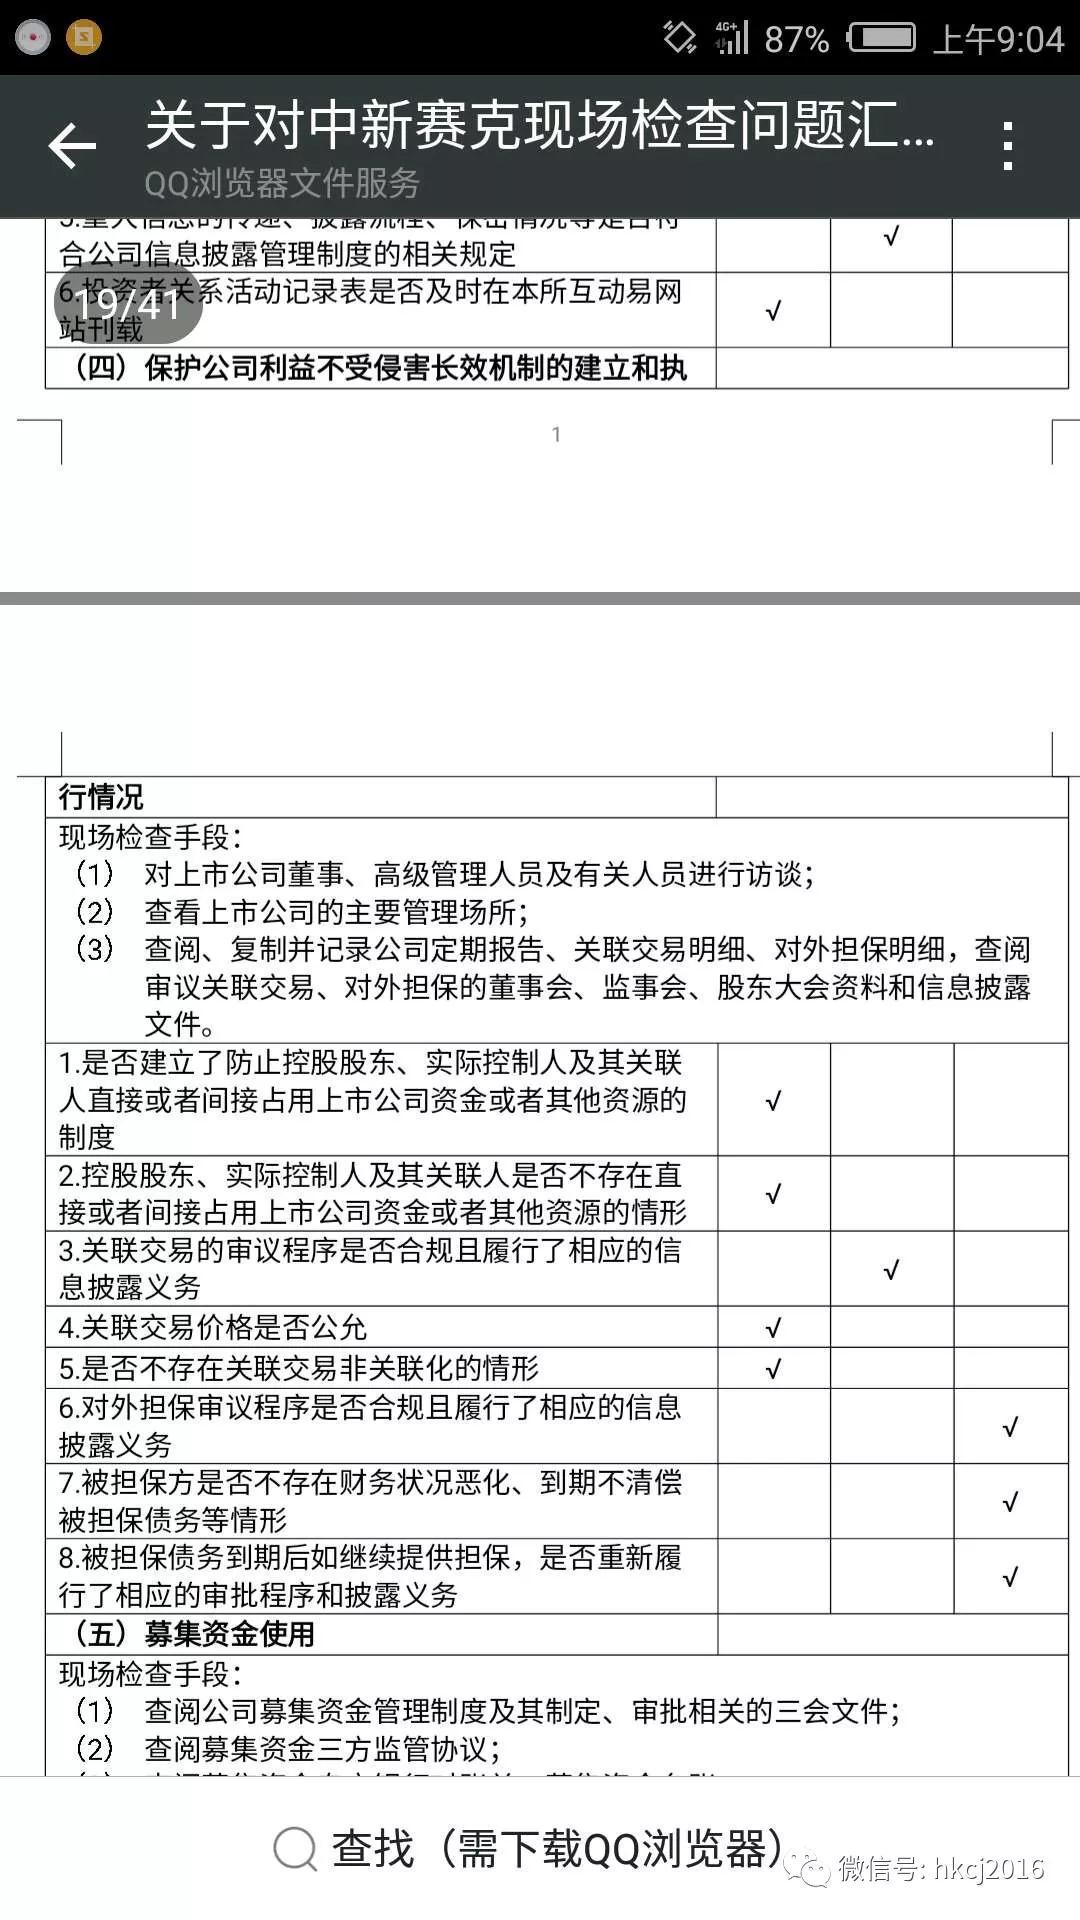 国信解聘保代背后:中新赛克被曝诸多问题